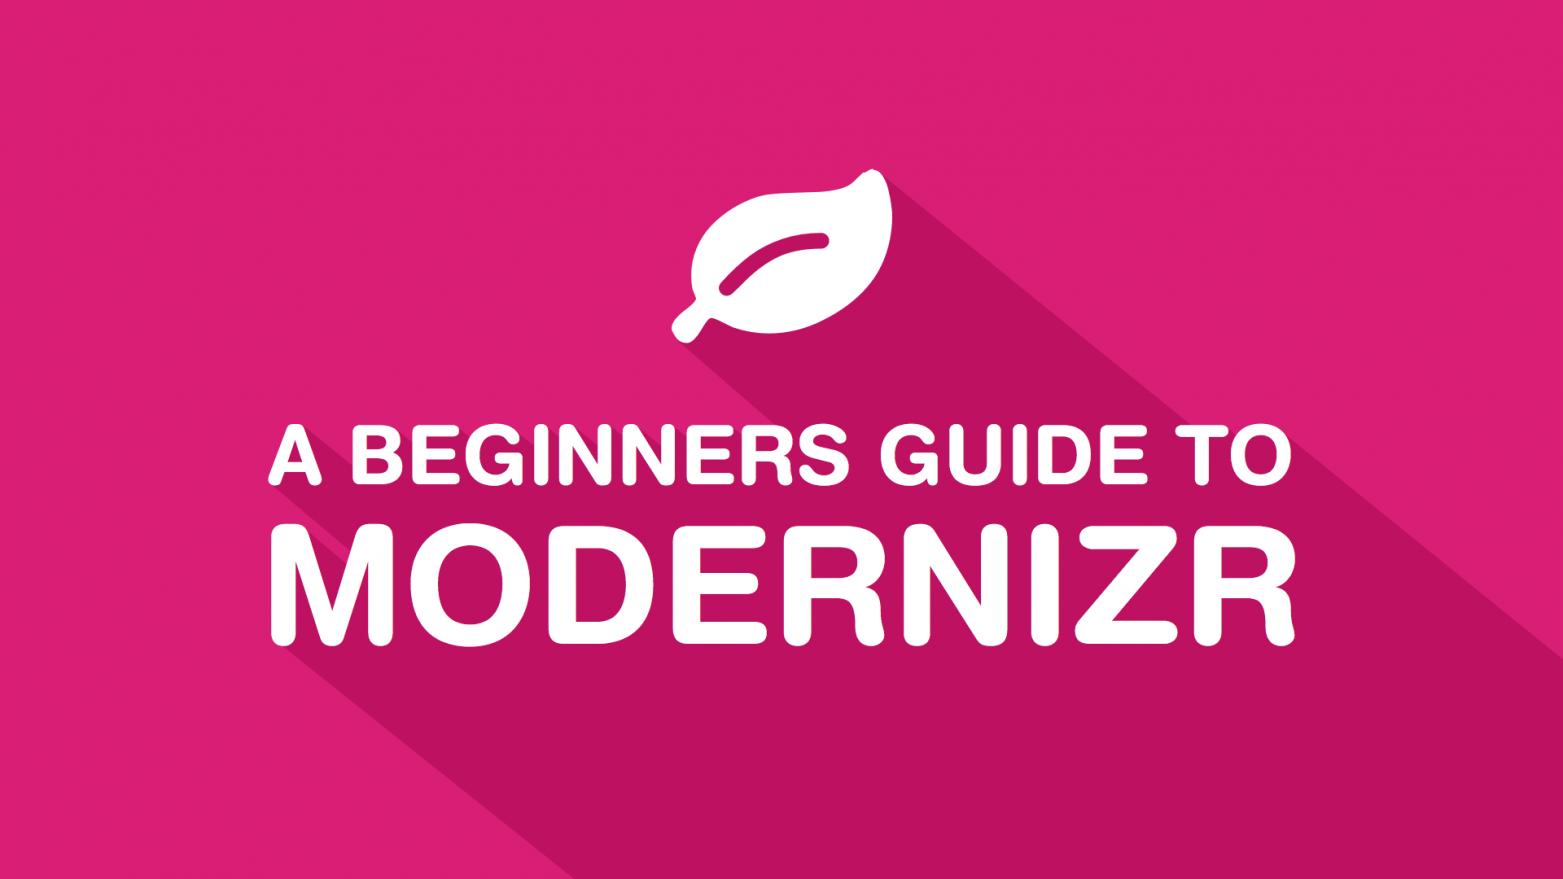 Modernizr 3 course promo image